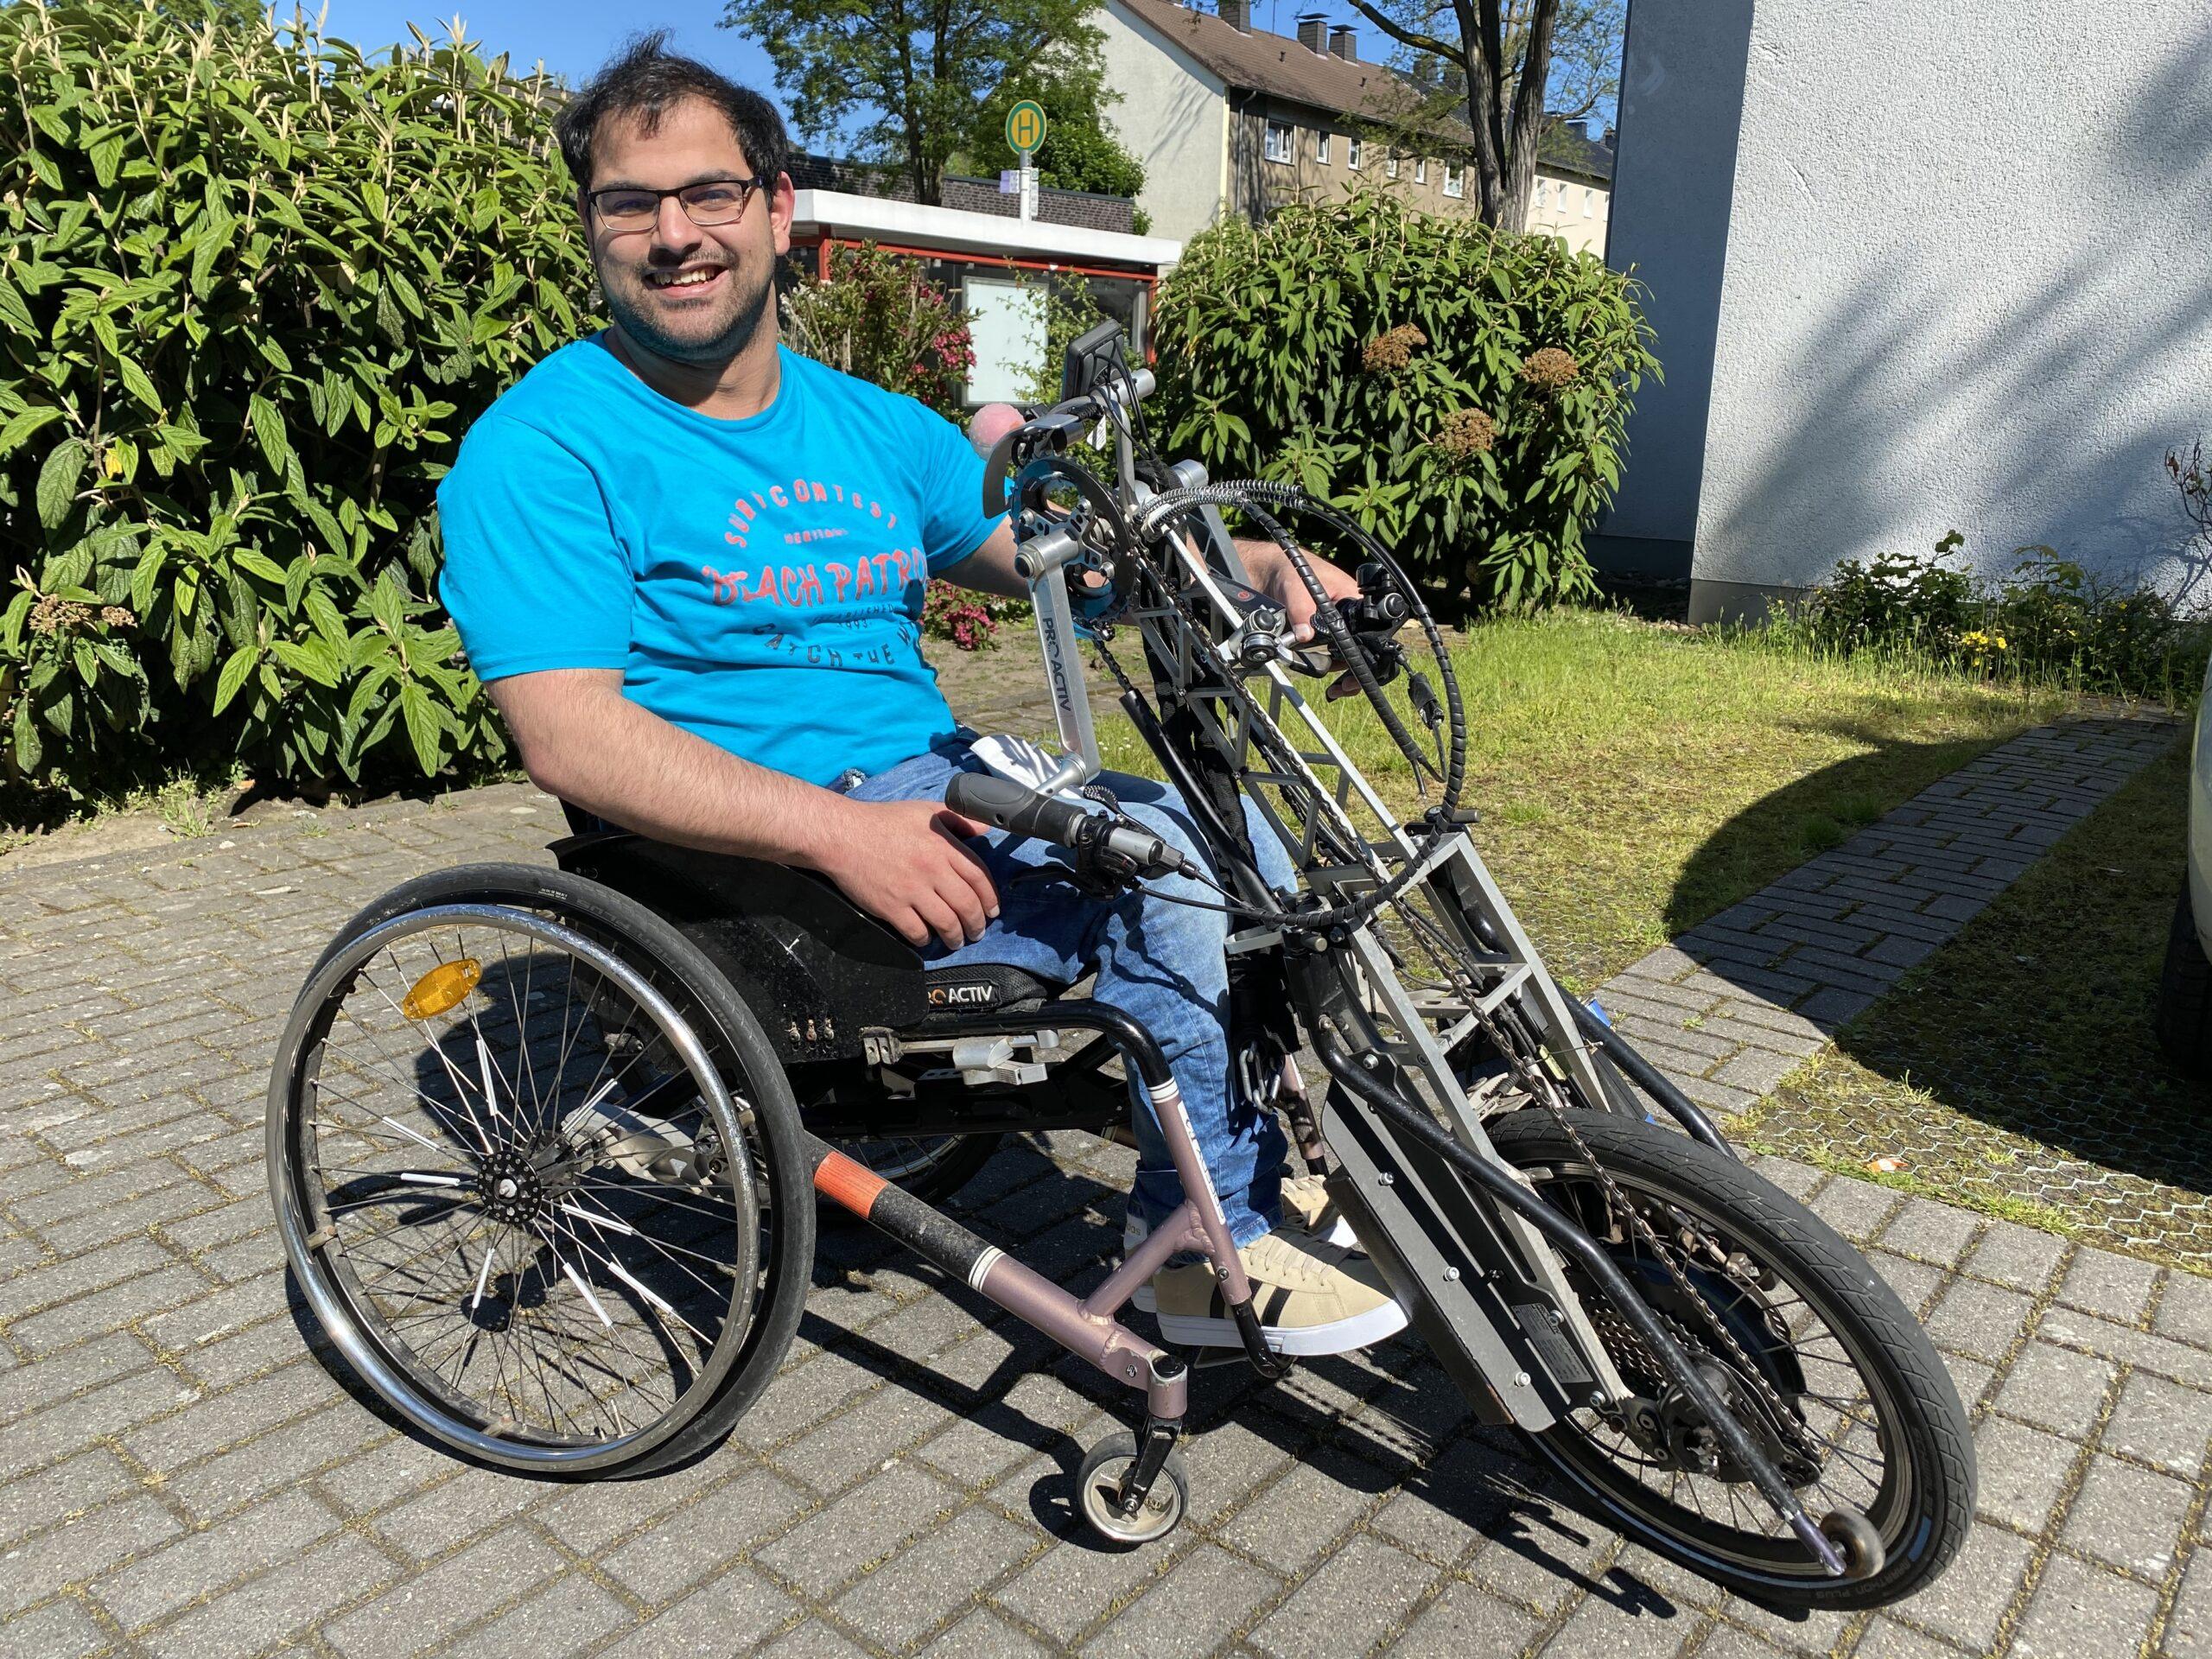 Foto von Hafid S. mit seinem Handbike